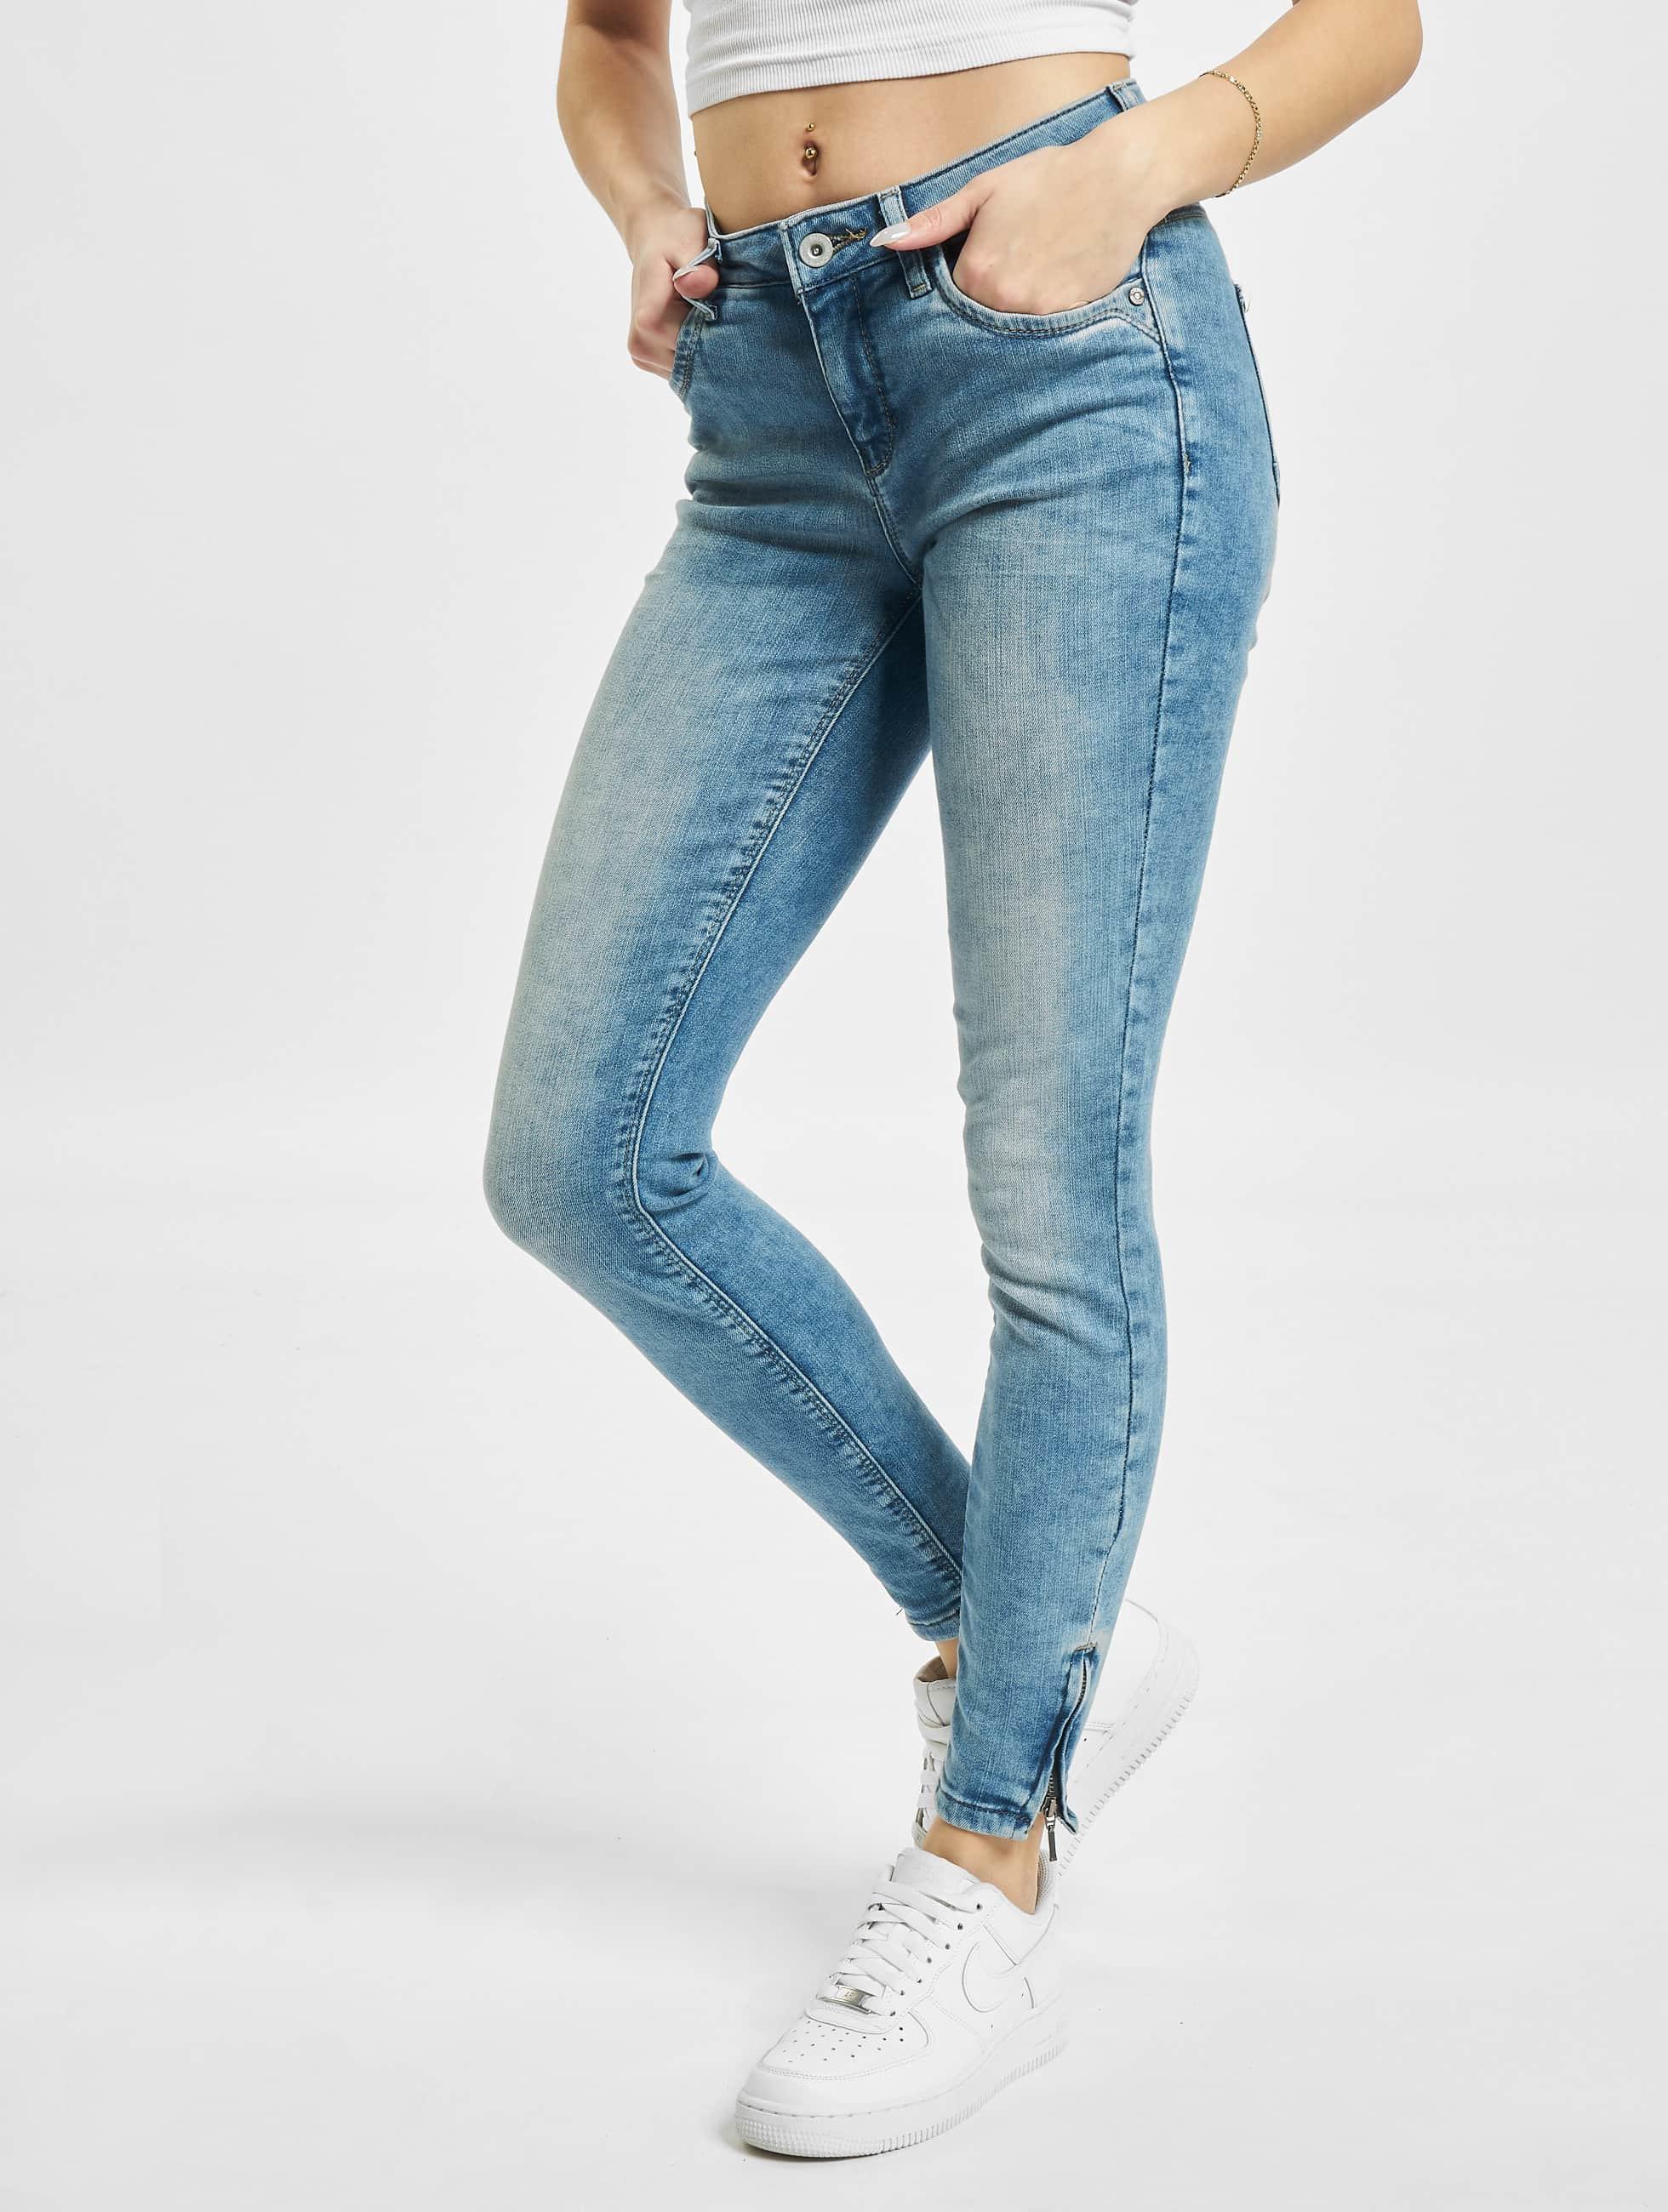 Artikel klicken und genauer betrachten! - Only onlKendell Regular Skinny Ankle Jeans Light Blue Denim  – Only onlKendell Regular Skinny Ankle Jeans Light Blue Denim von der Marke Only für 34.99 EUR in der Farbe blau.   im Online Shop kaufen